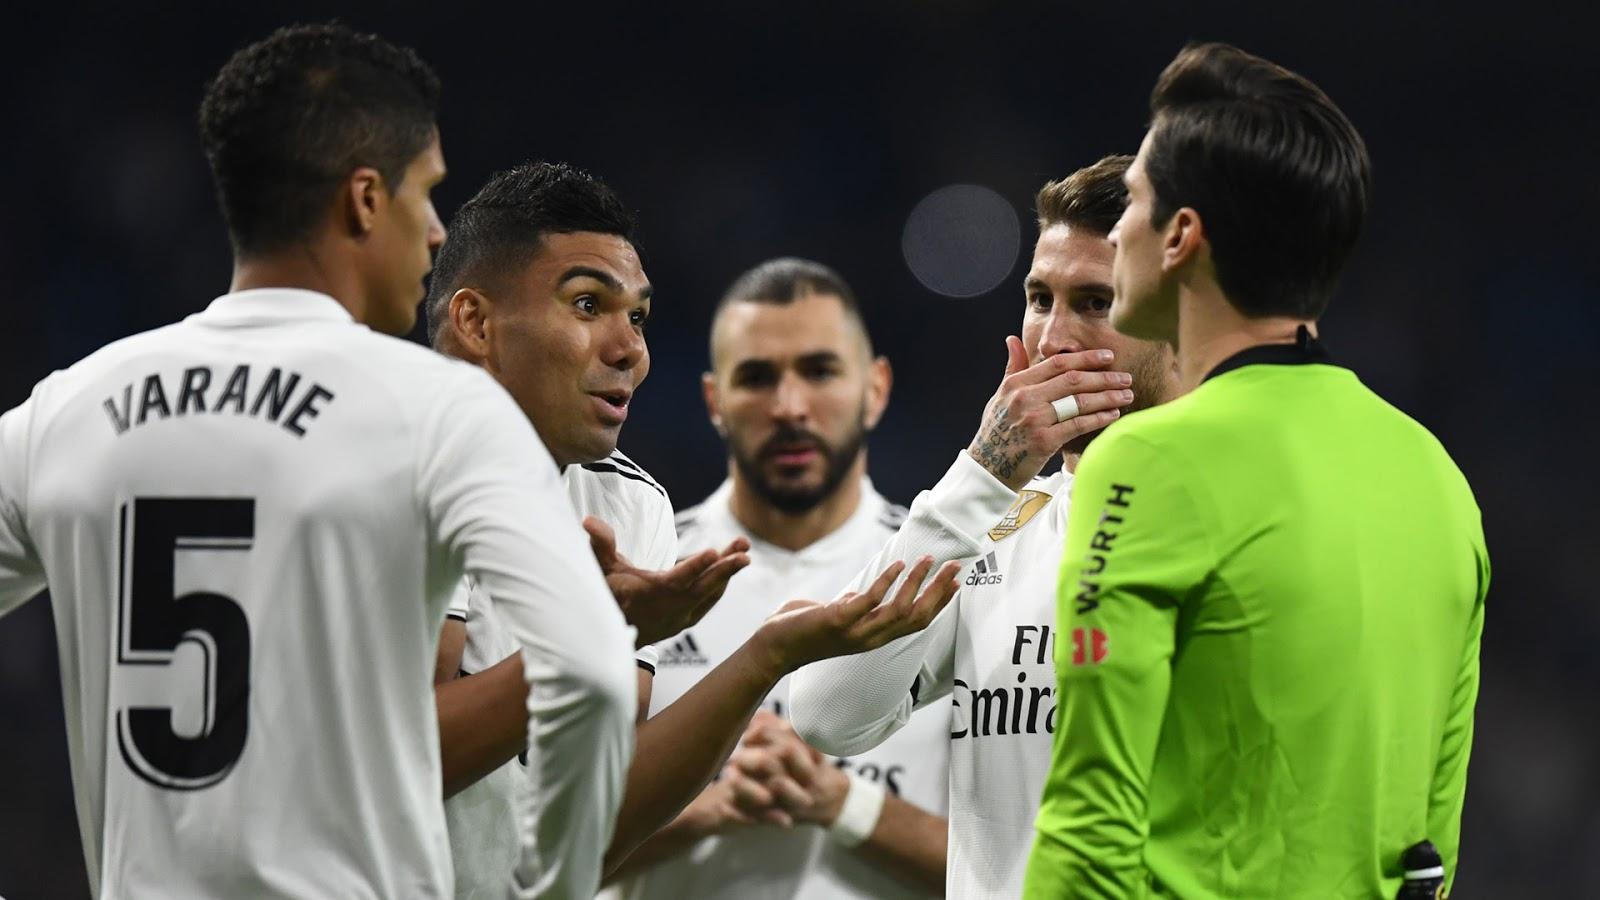 زيدان يجهز هازارد لقيادة ريال مدريد أمام مانشستر سيتي بدوري أبطال أوروبا